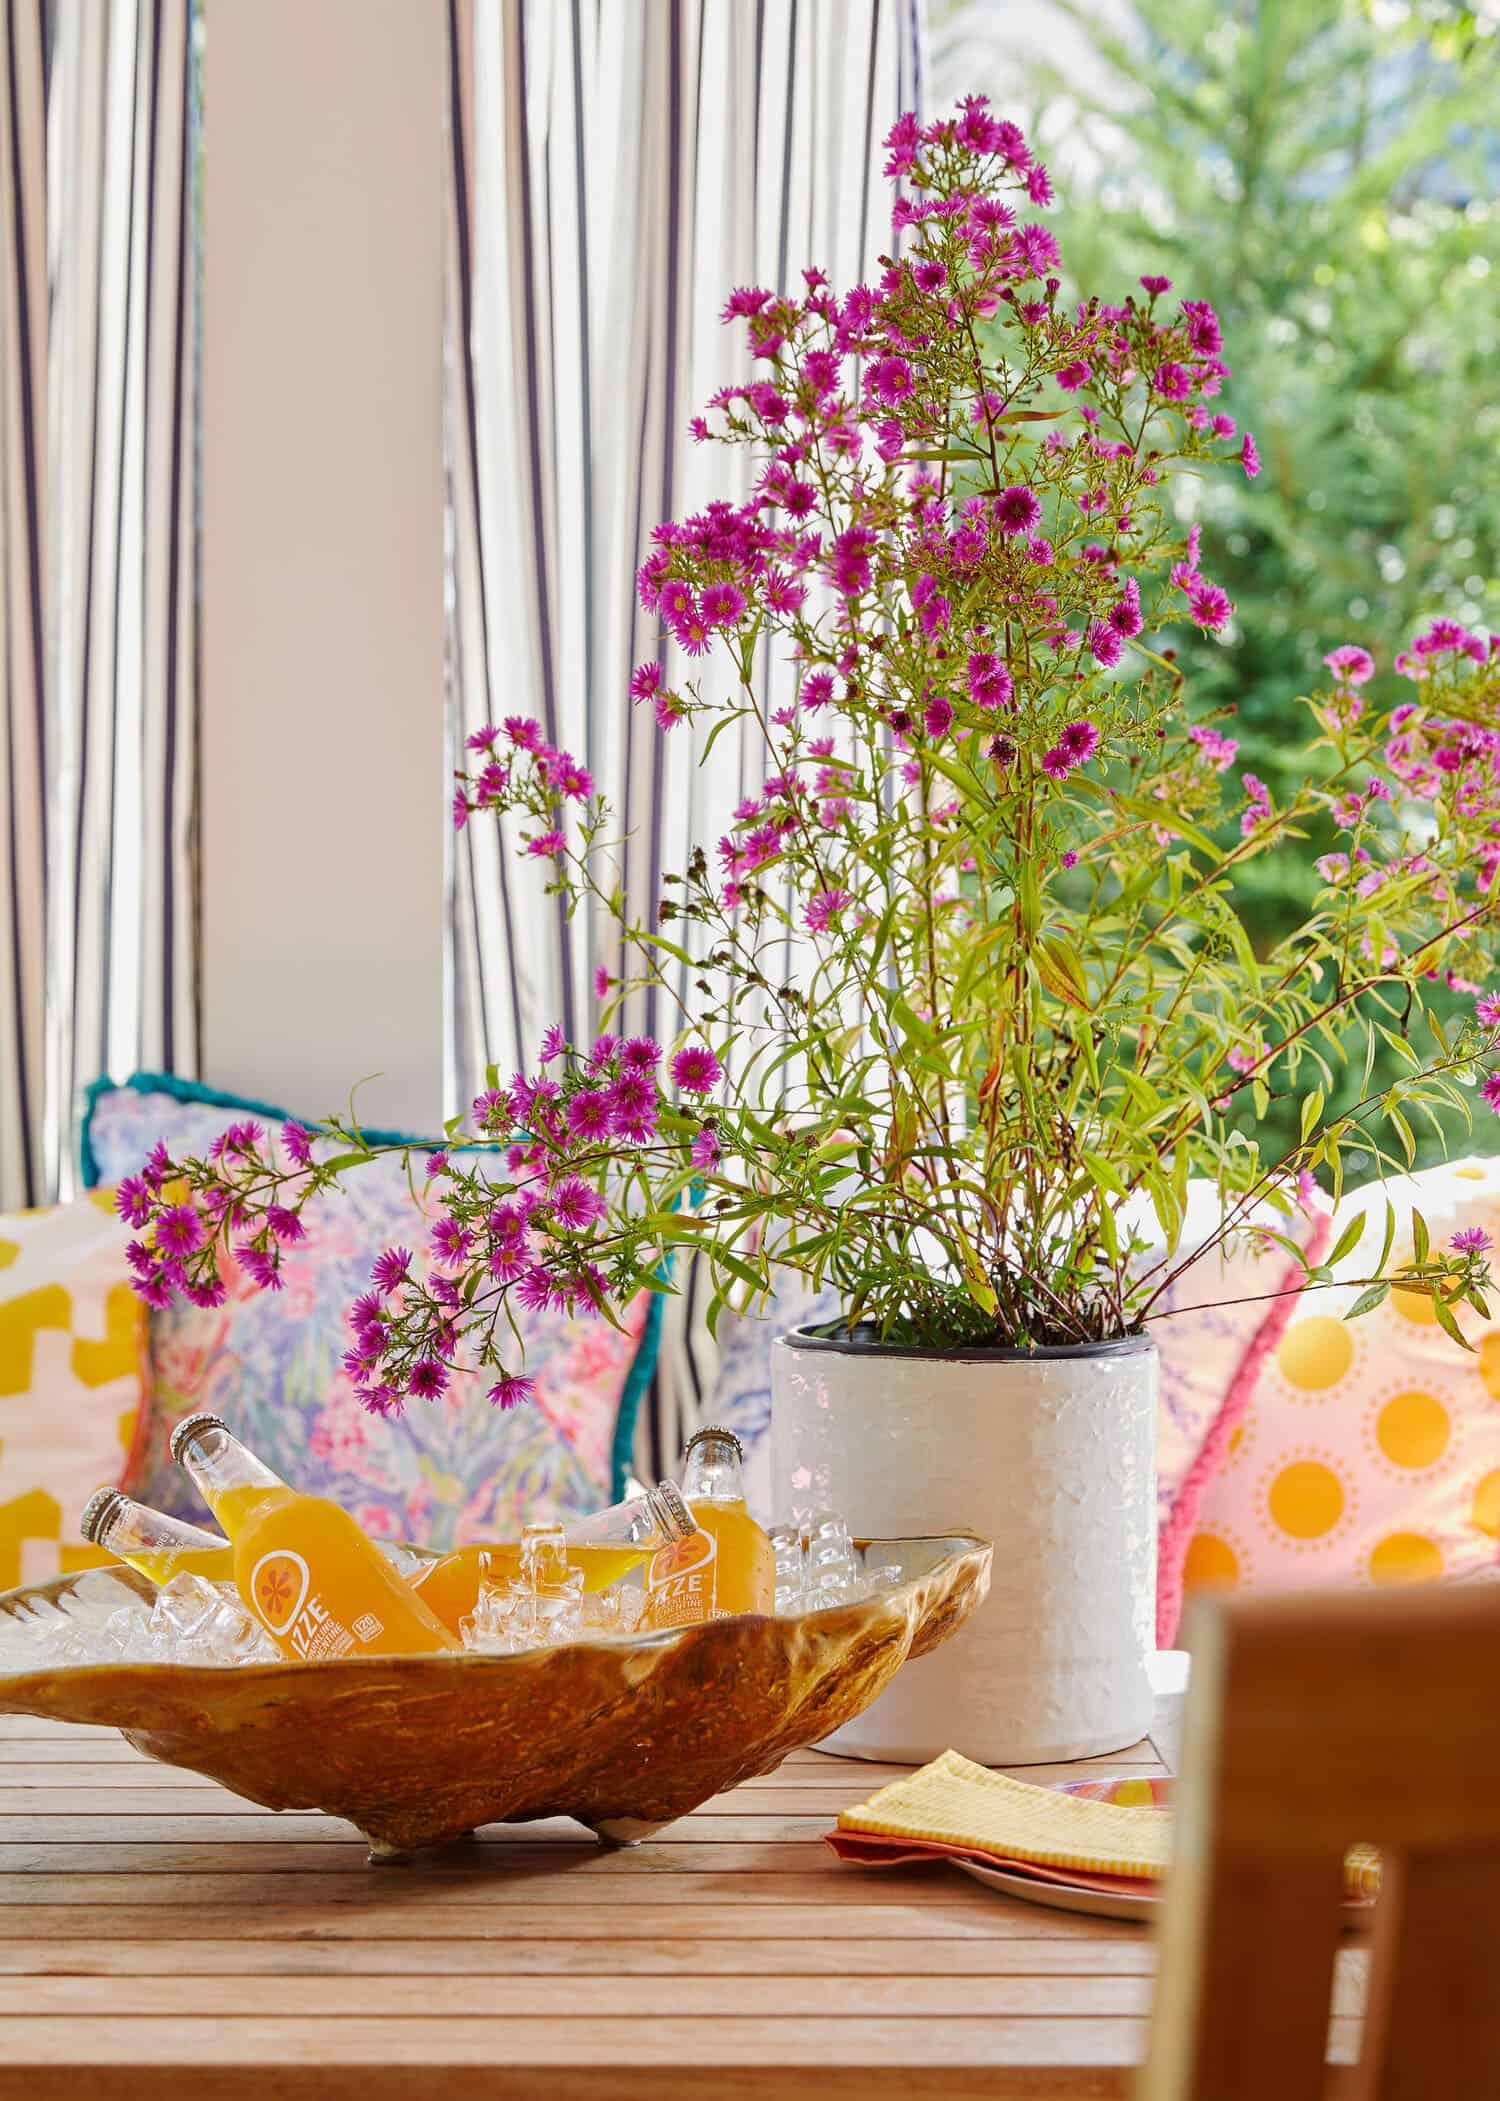 saltbox-house-patio-table-decor